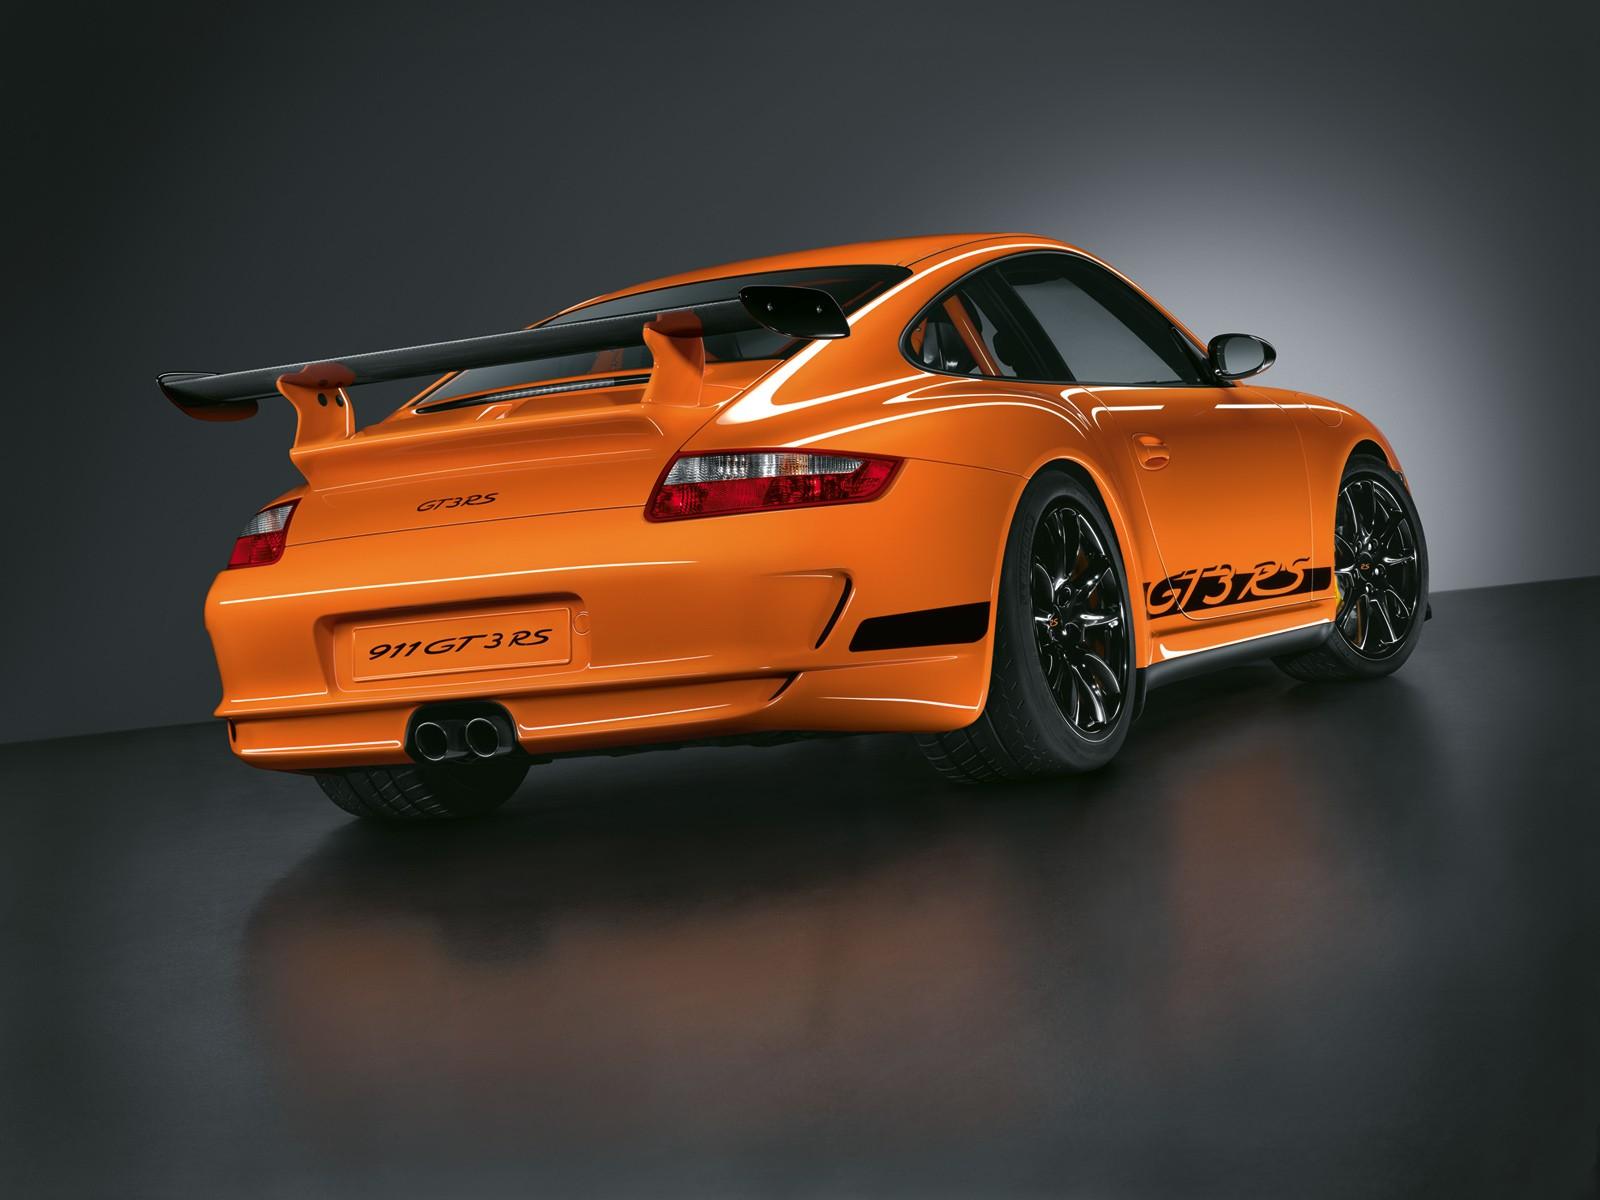 Porsche 911 Gt3 Rs 997 Specs 2006 2007 2008 2009